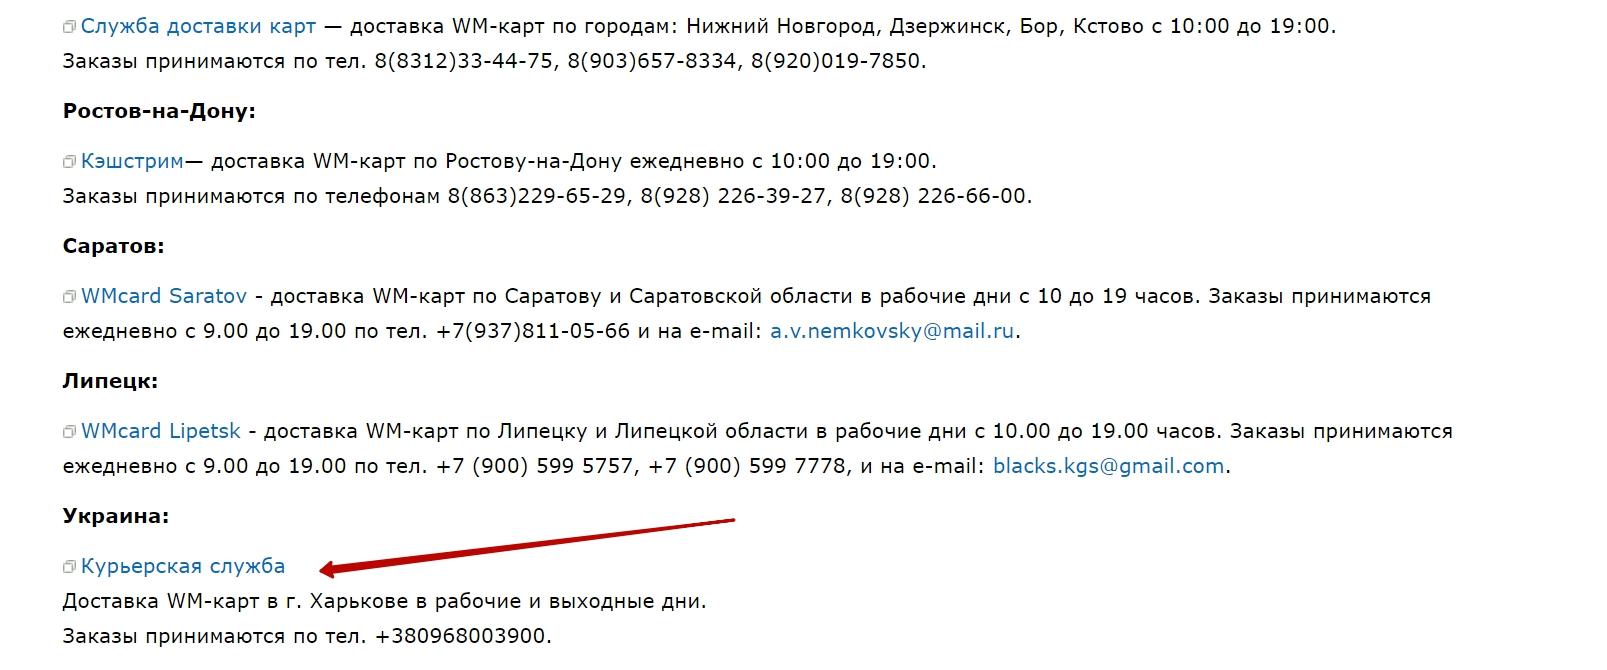 Пополнить webmoney через вм-карту пеймер чек в Украине 6170b1e8fa2